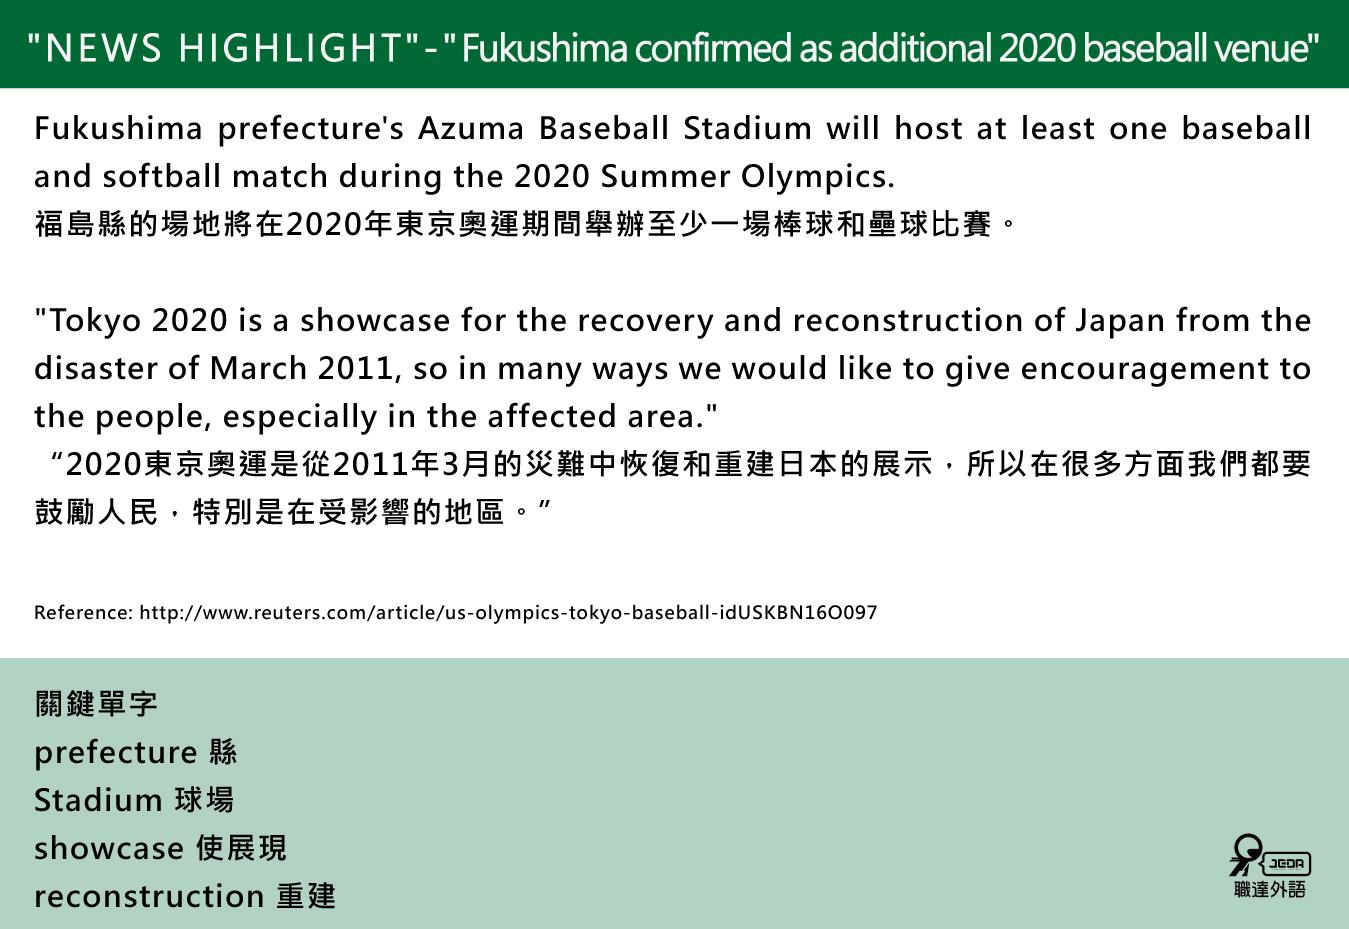 福島確認增加成為2020奧運棒球場地!